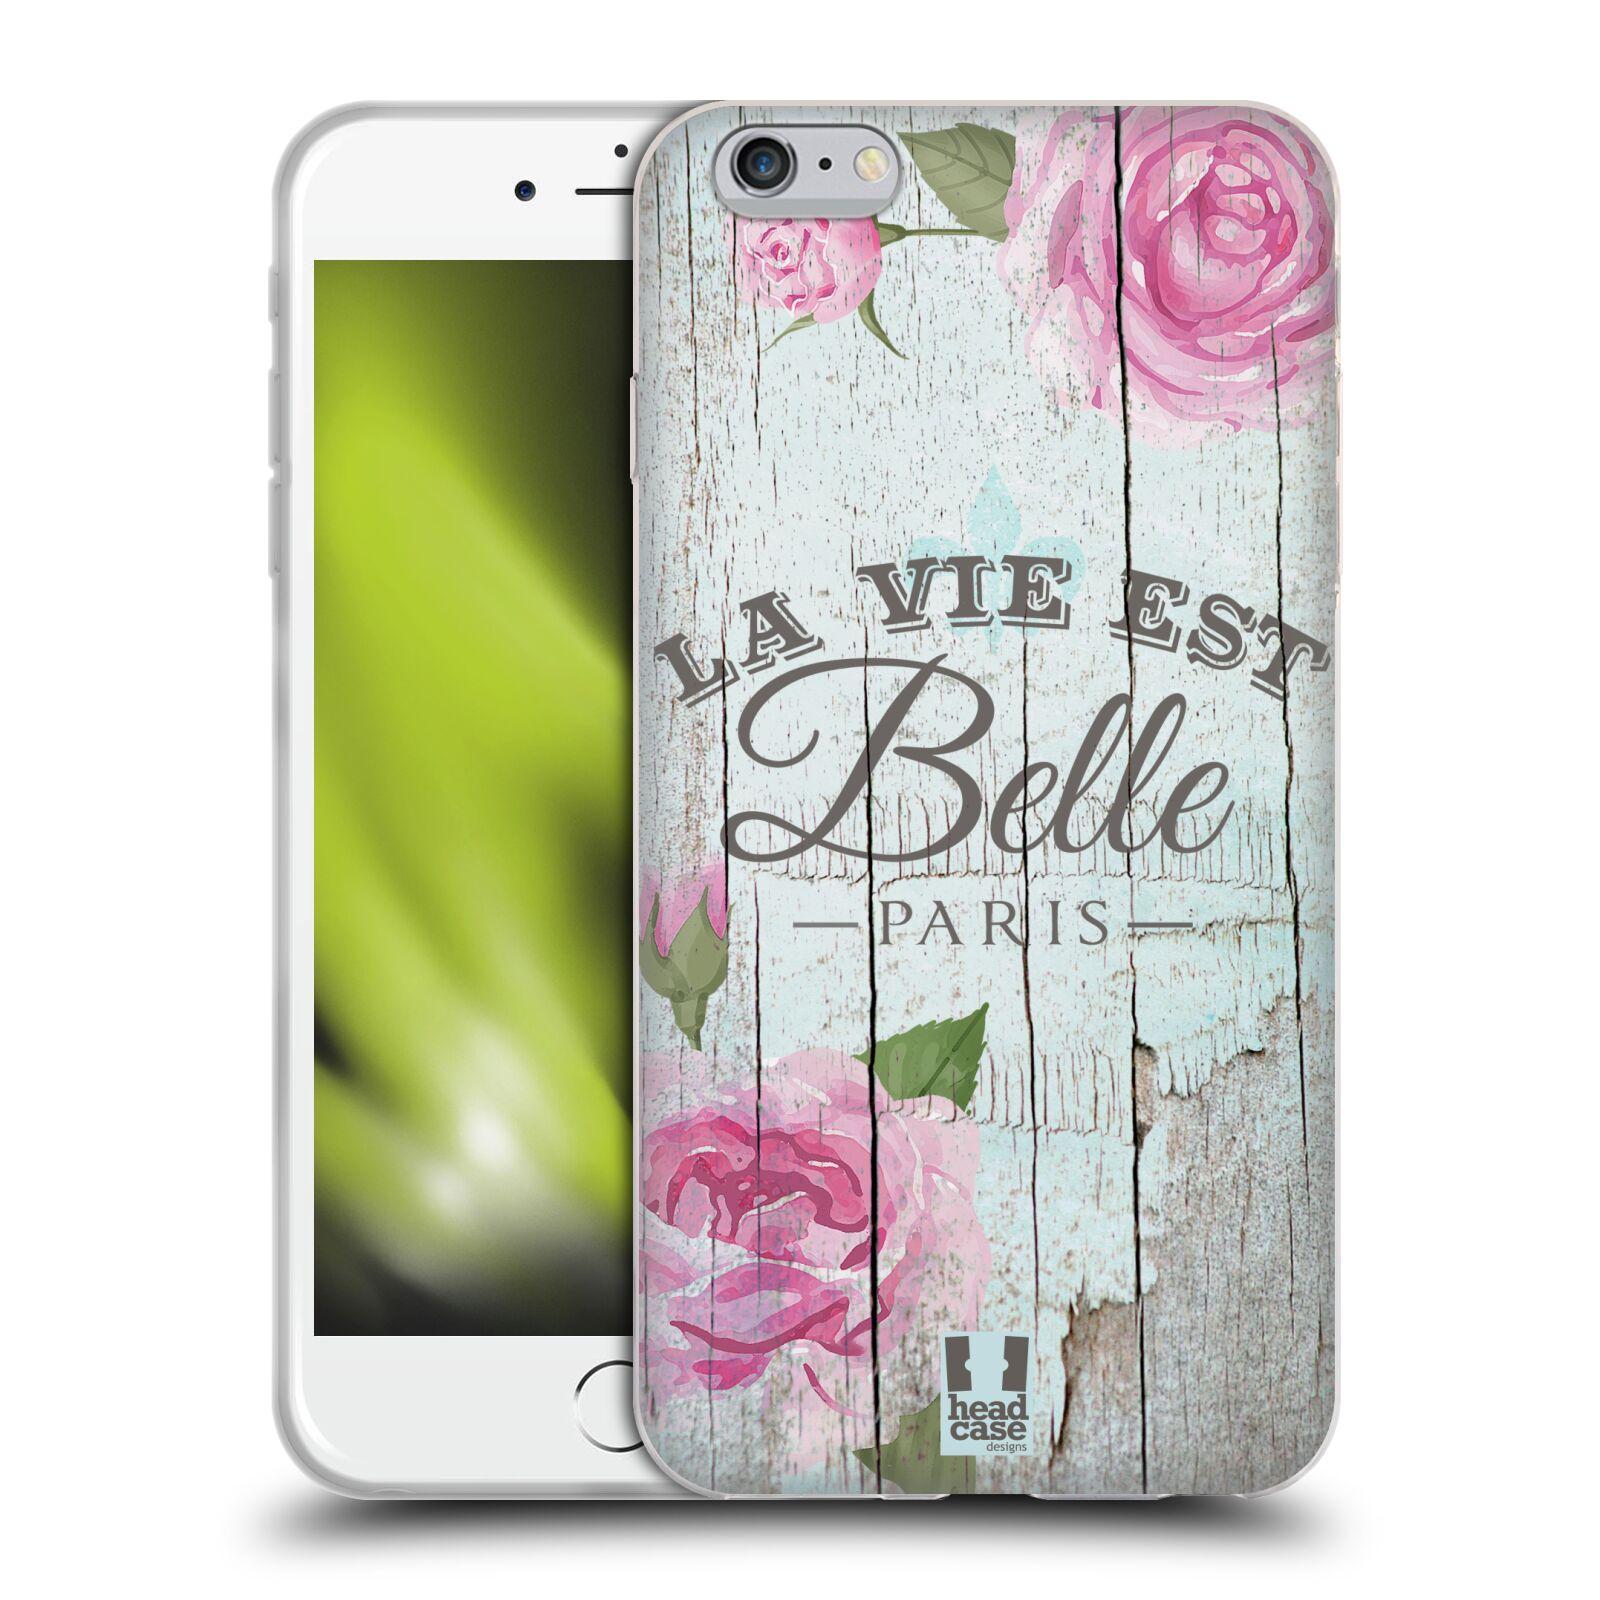 HEAD CASE silikonový obal na mobil Apple Iphone 6 PLUS/ 6S PLUS vzor Barevný venkov, vintage RŮŽE, ŘŮŽOVÁ